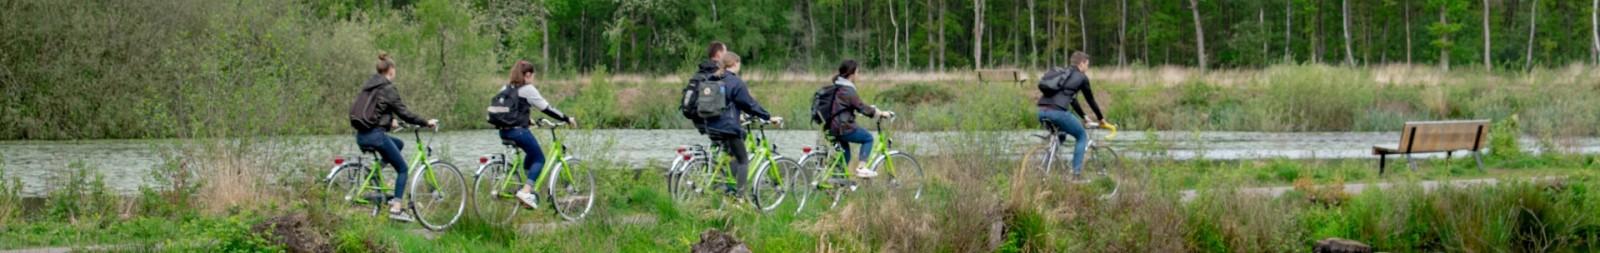 Fietsparadijslimburg_website.jpg